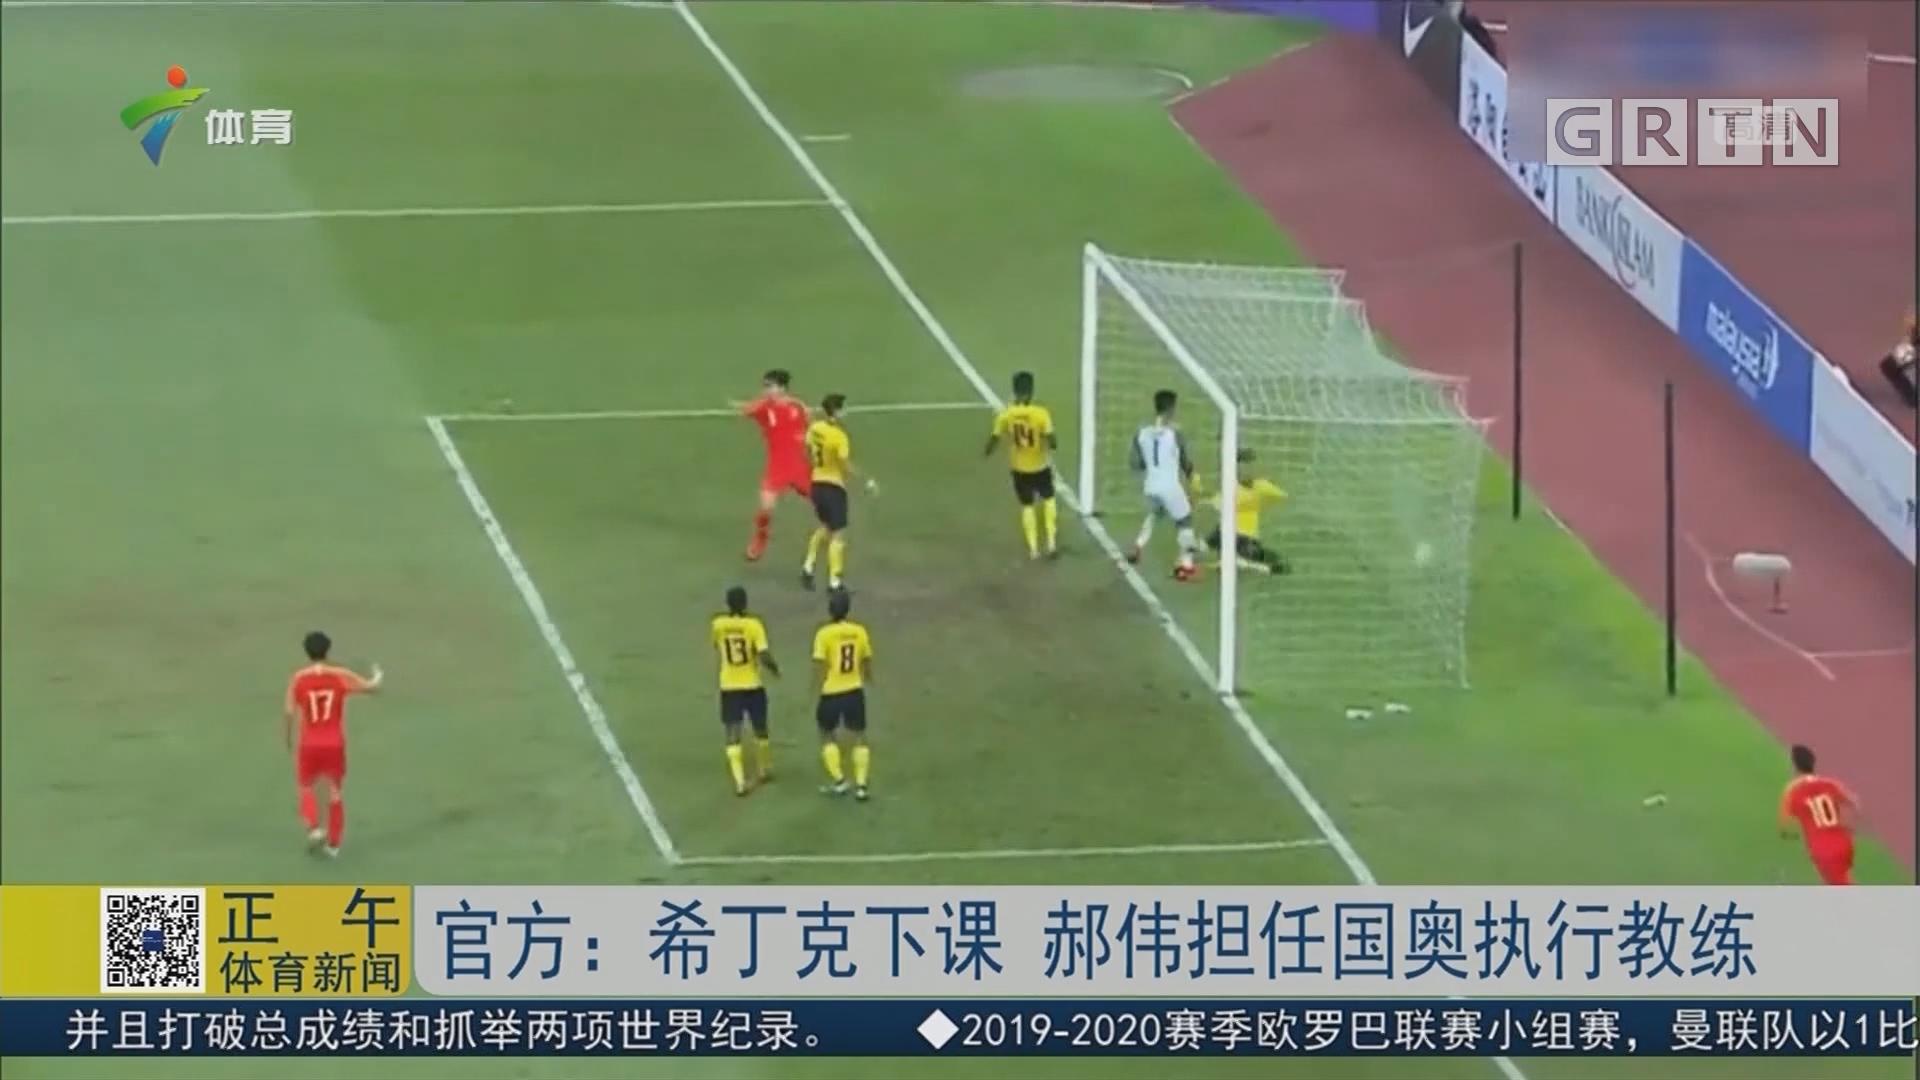 官方:希丁克下课 郝伟担任国奥执行教练